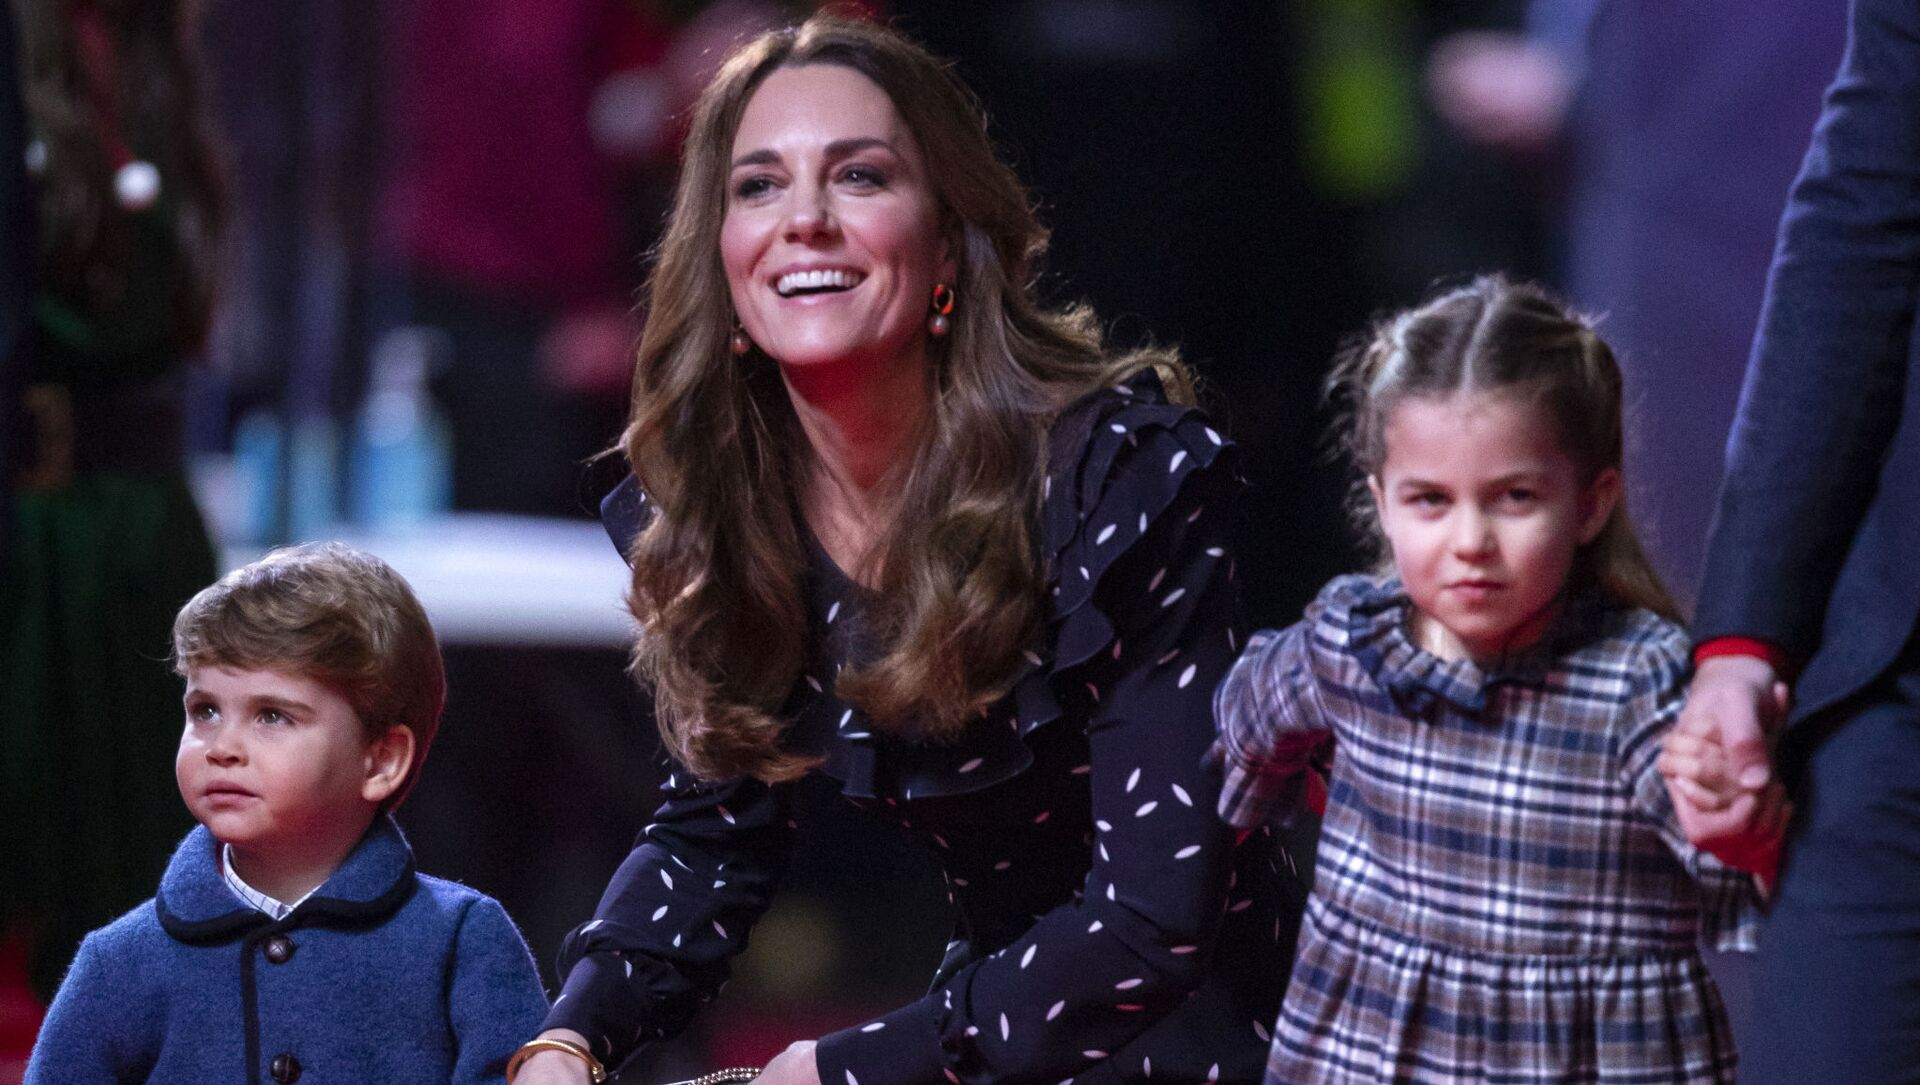 Kate Middletonová s dětmi princeznou Charlotte a princem Louisem - Sputnik Česká republika, 1920, 09.02.2021